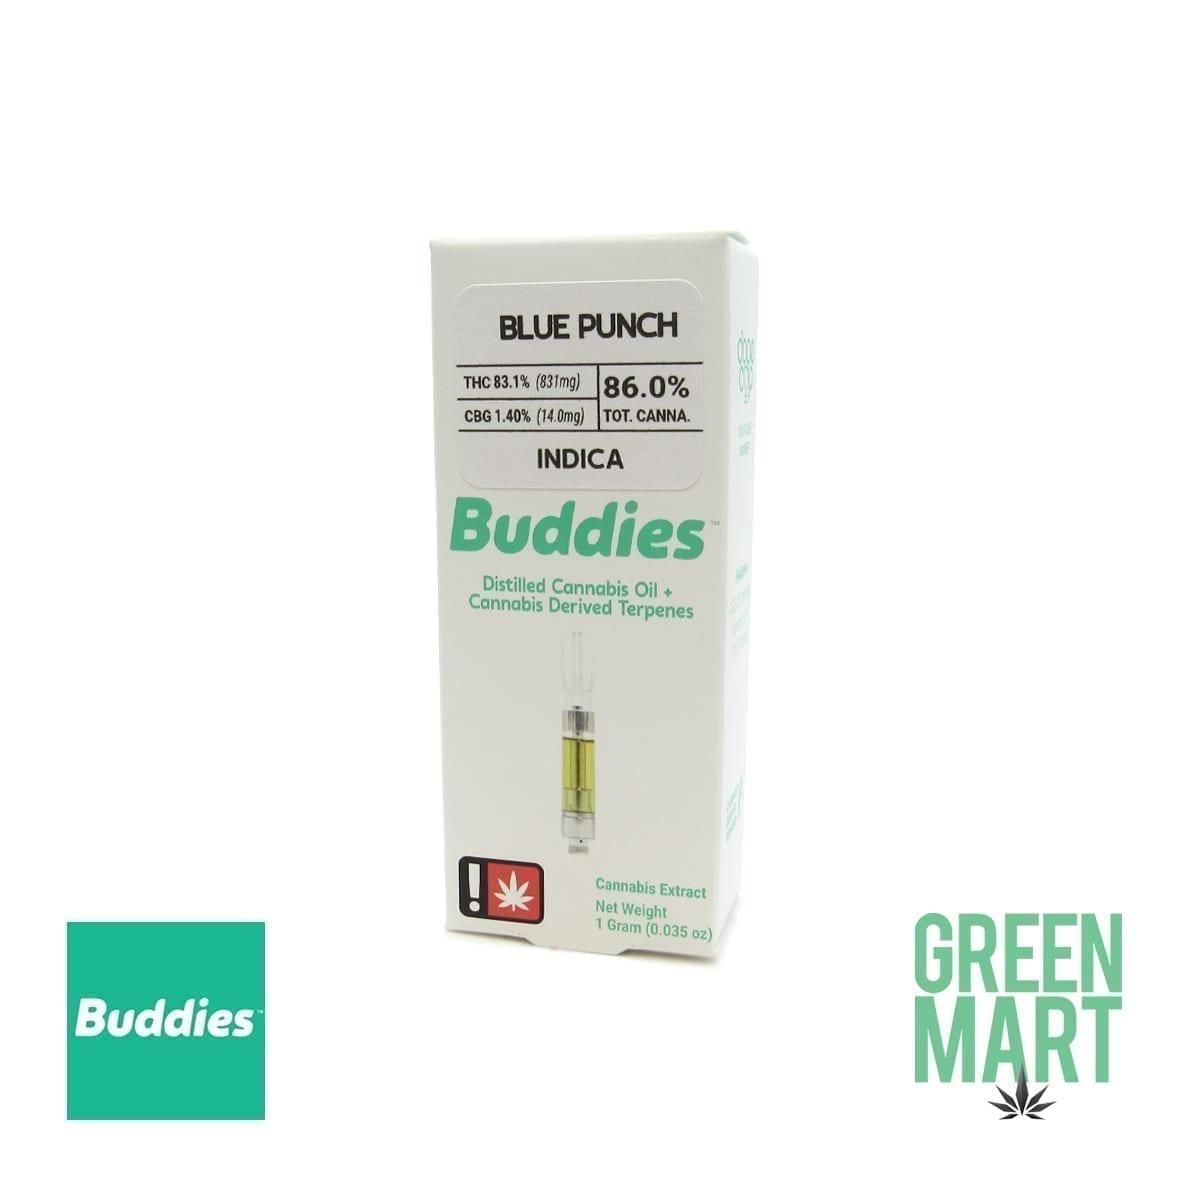 Buddies Brand Distillate Cartridge - Blue Punch